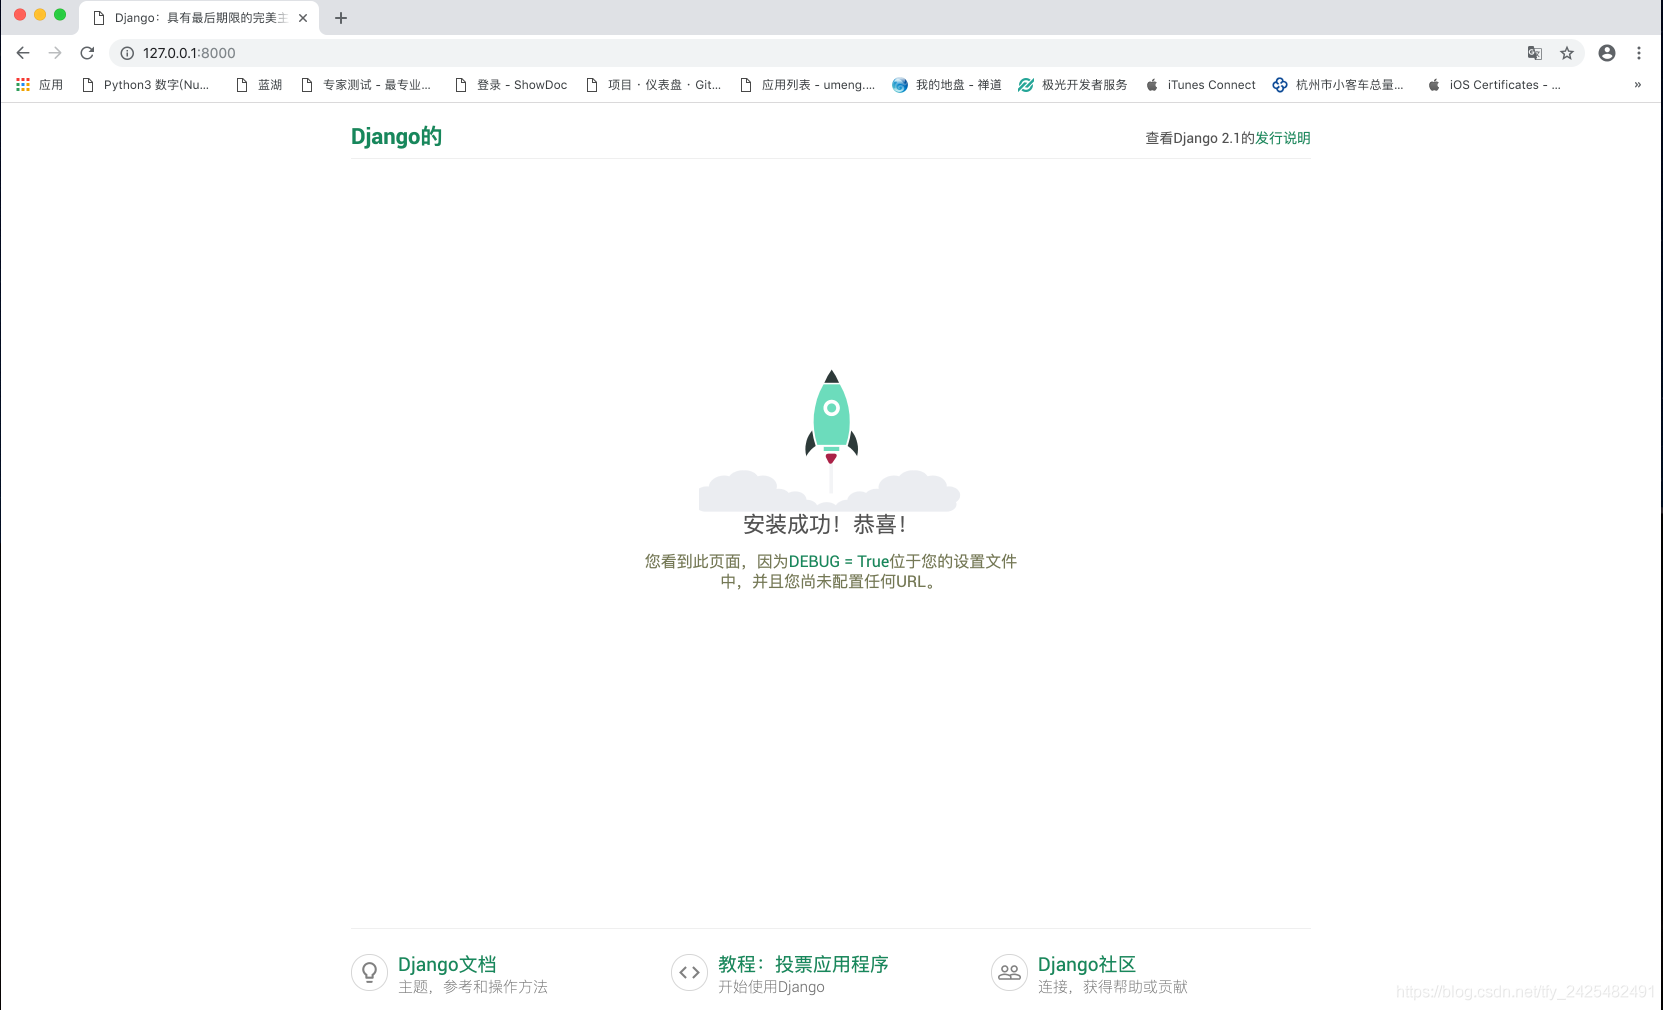 使用Django搭建web服务器(最最正确的方式)_田风有的博客-CSDN博客